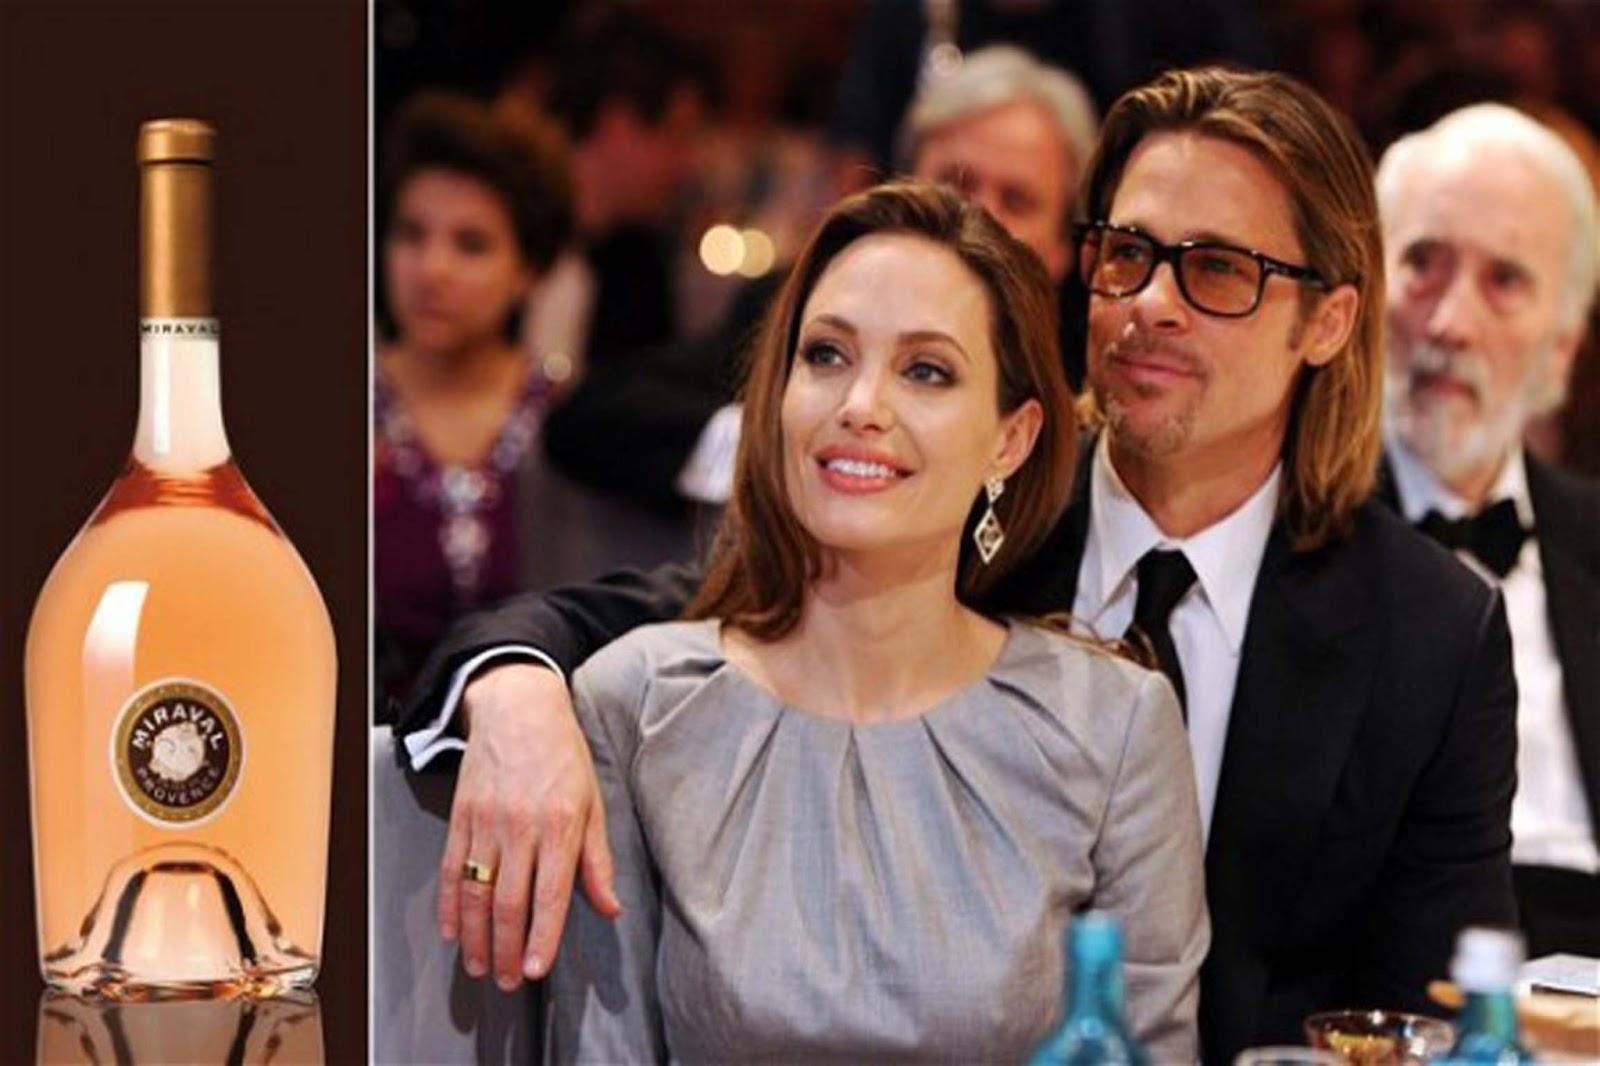 http://1.bp.blogspot.com/-dBgJ_LS_1wY/USRVeDx0_dI/AAAAAAAAB-Q/O8z4nLjJ2f8/s1600/Angelina+Jolie_Brad_Pitt.jpg